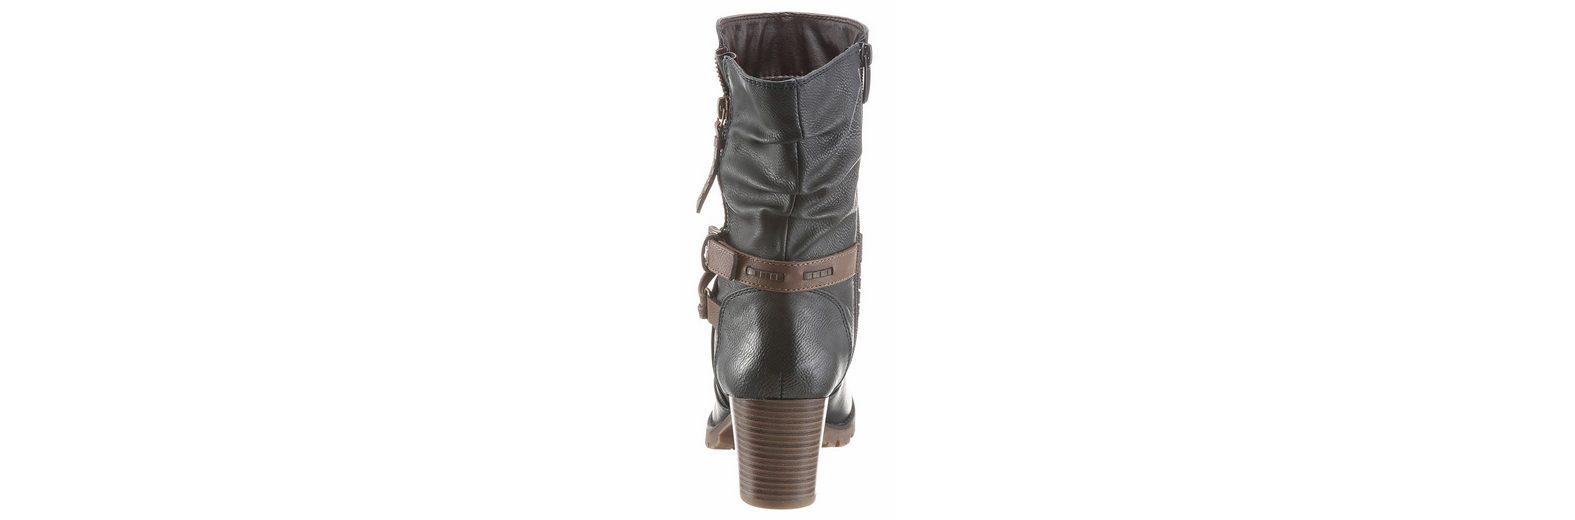 Arizona Stiefelette, mit verzierenden Bändern um den Schaft